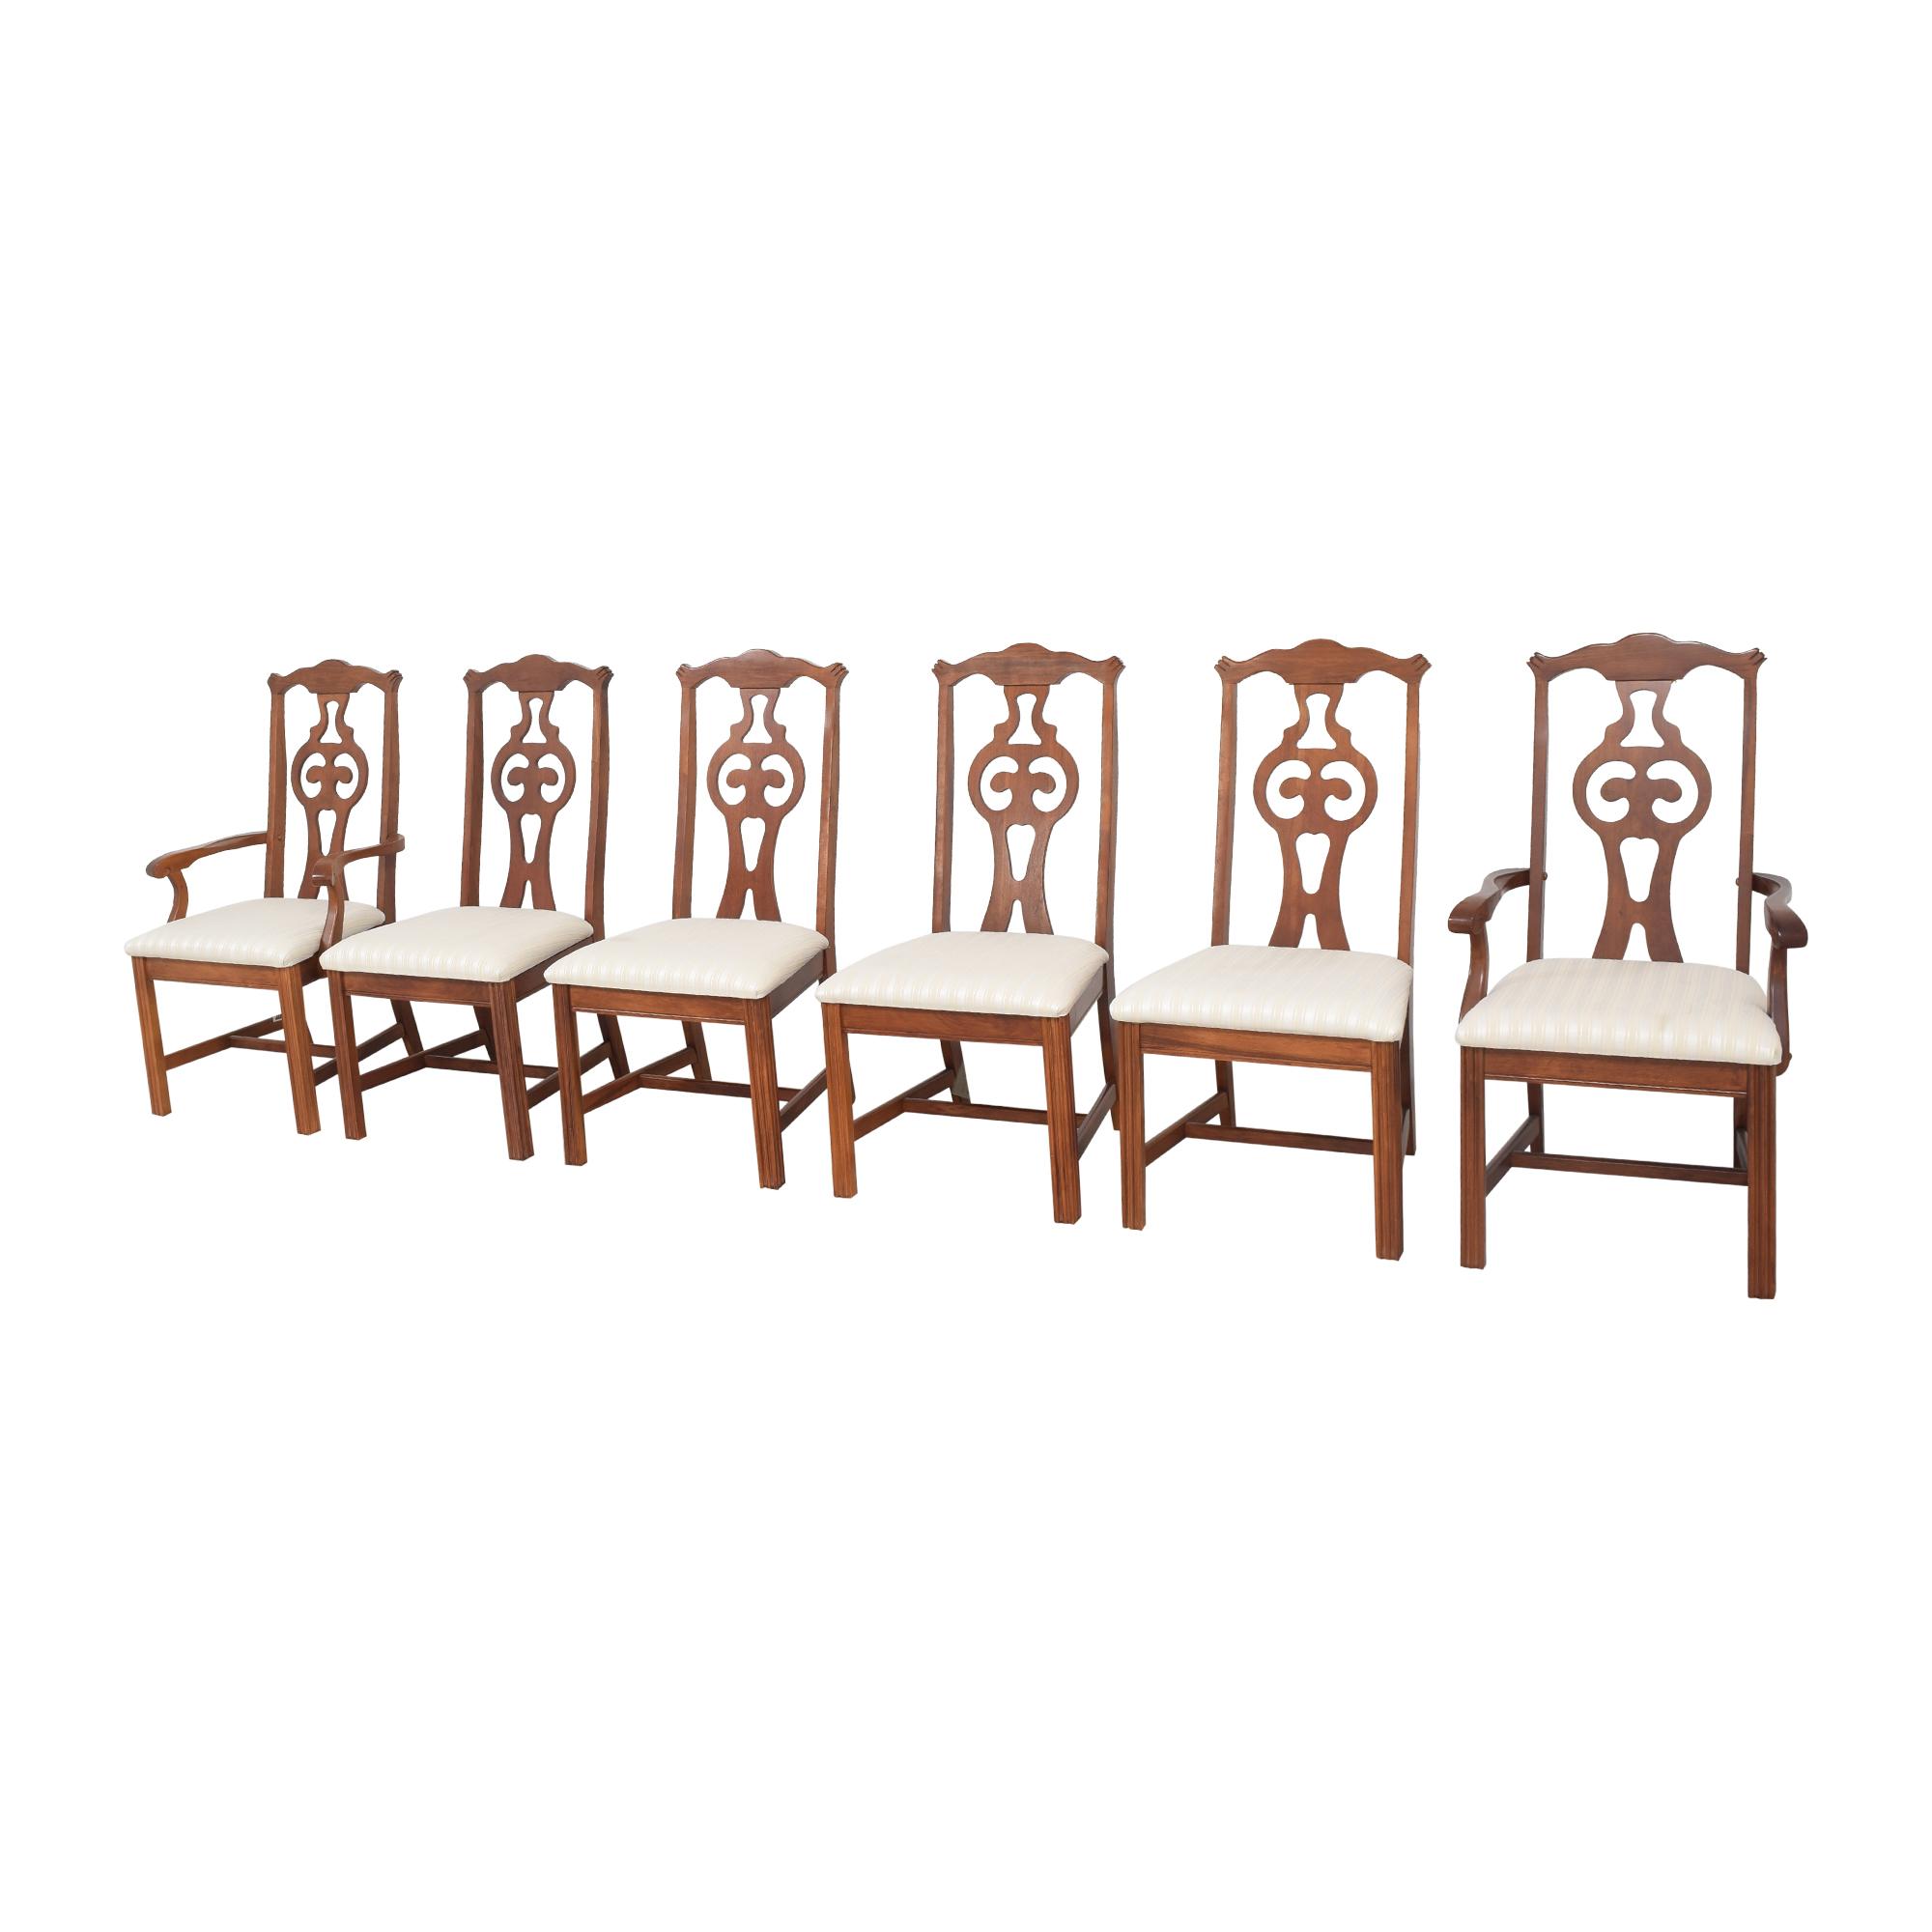 buy Bassett Furniture Upholstered Dining Chairs Bassett Furniture Chairs